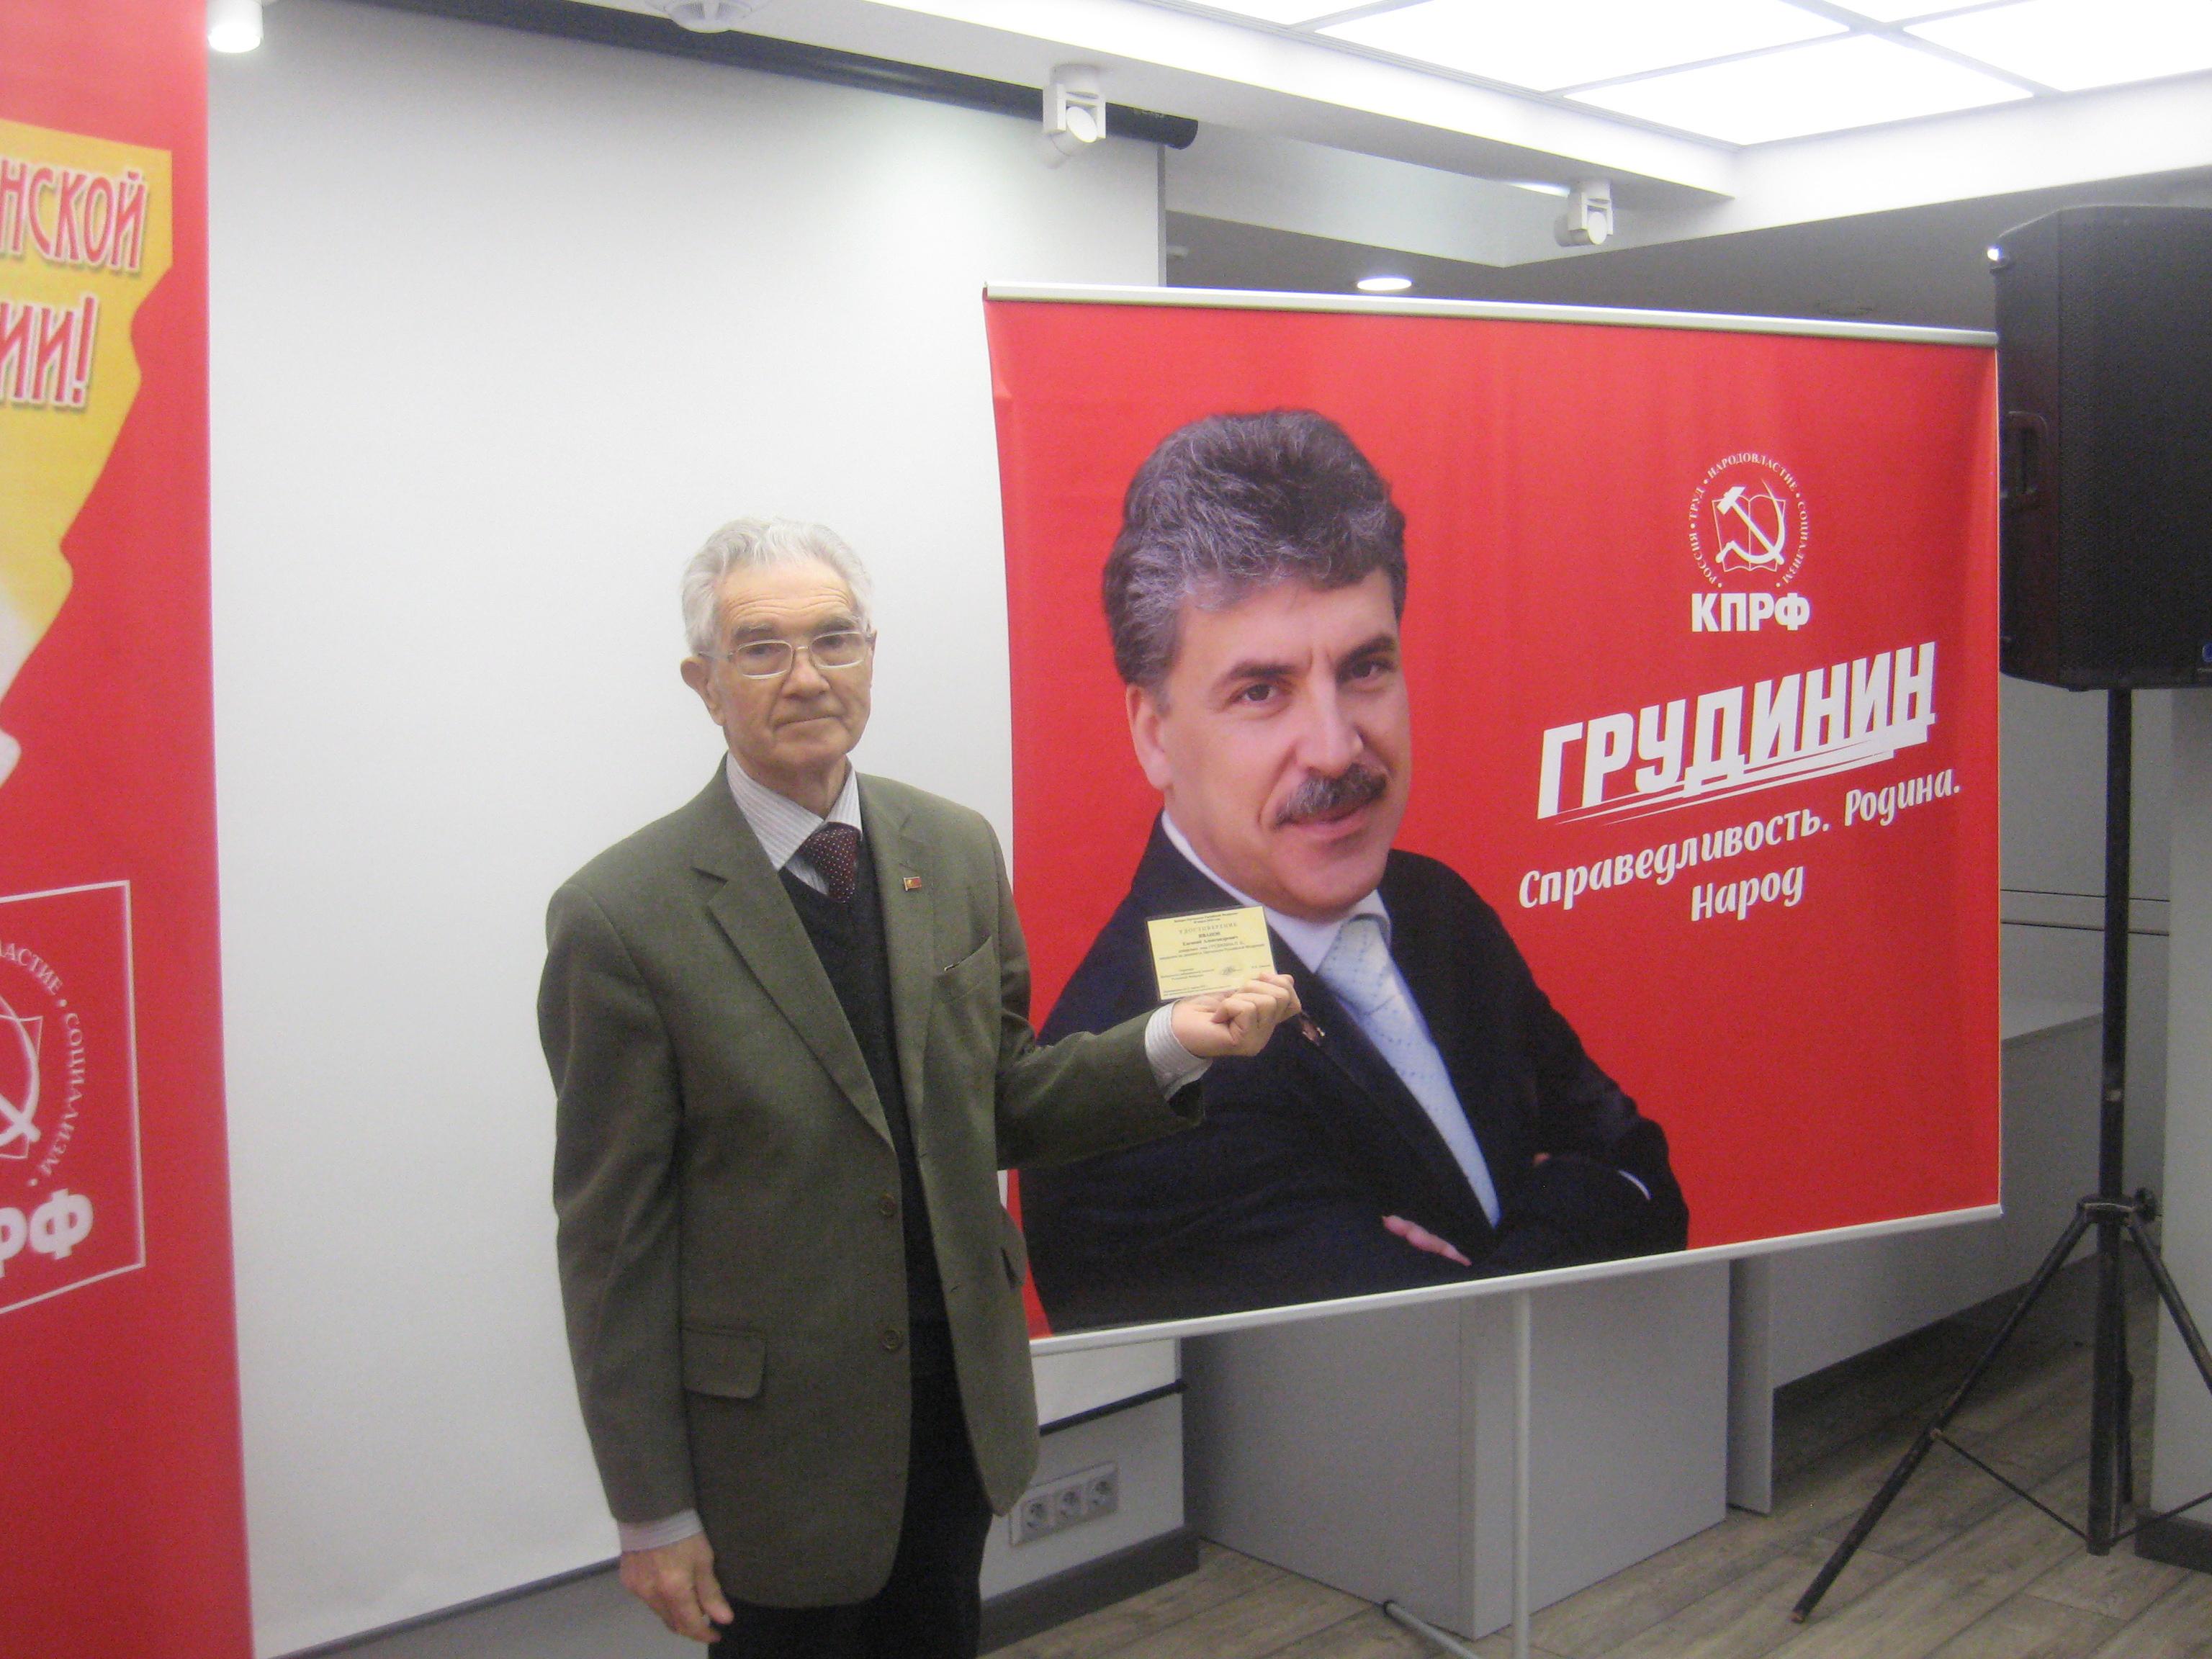 Евгений Александрович Иванов — доверенное лицо Павла Грудинина в Рыбинске